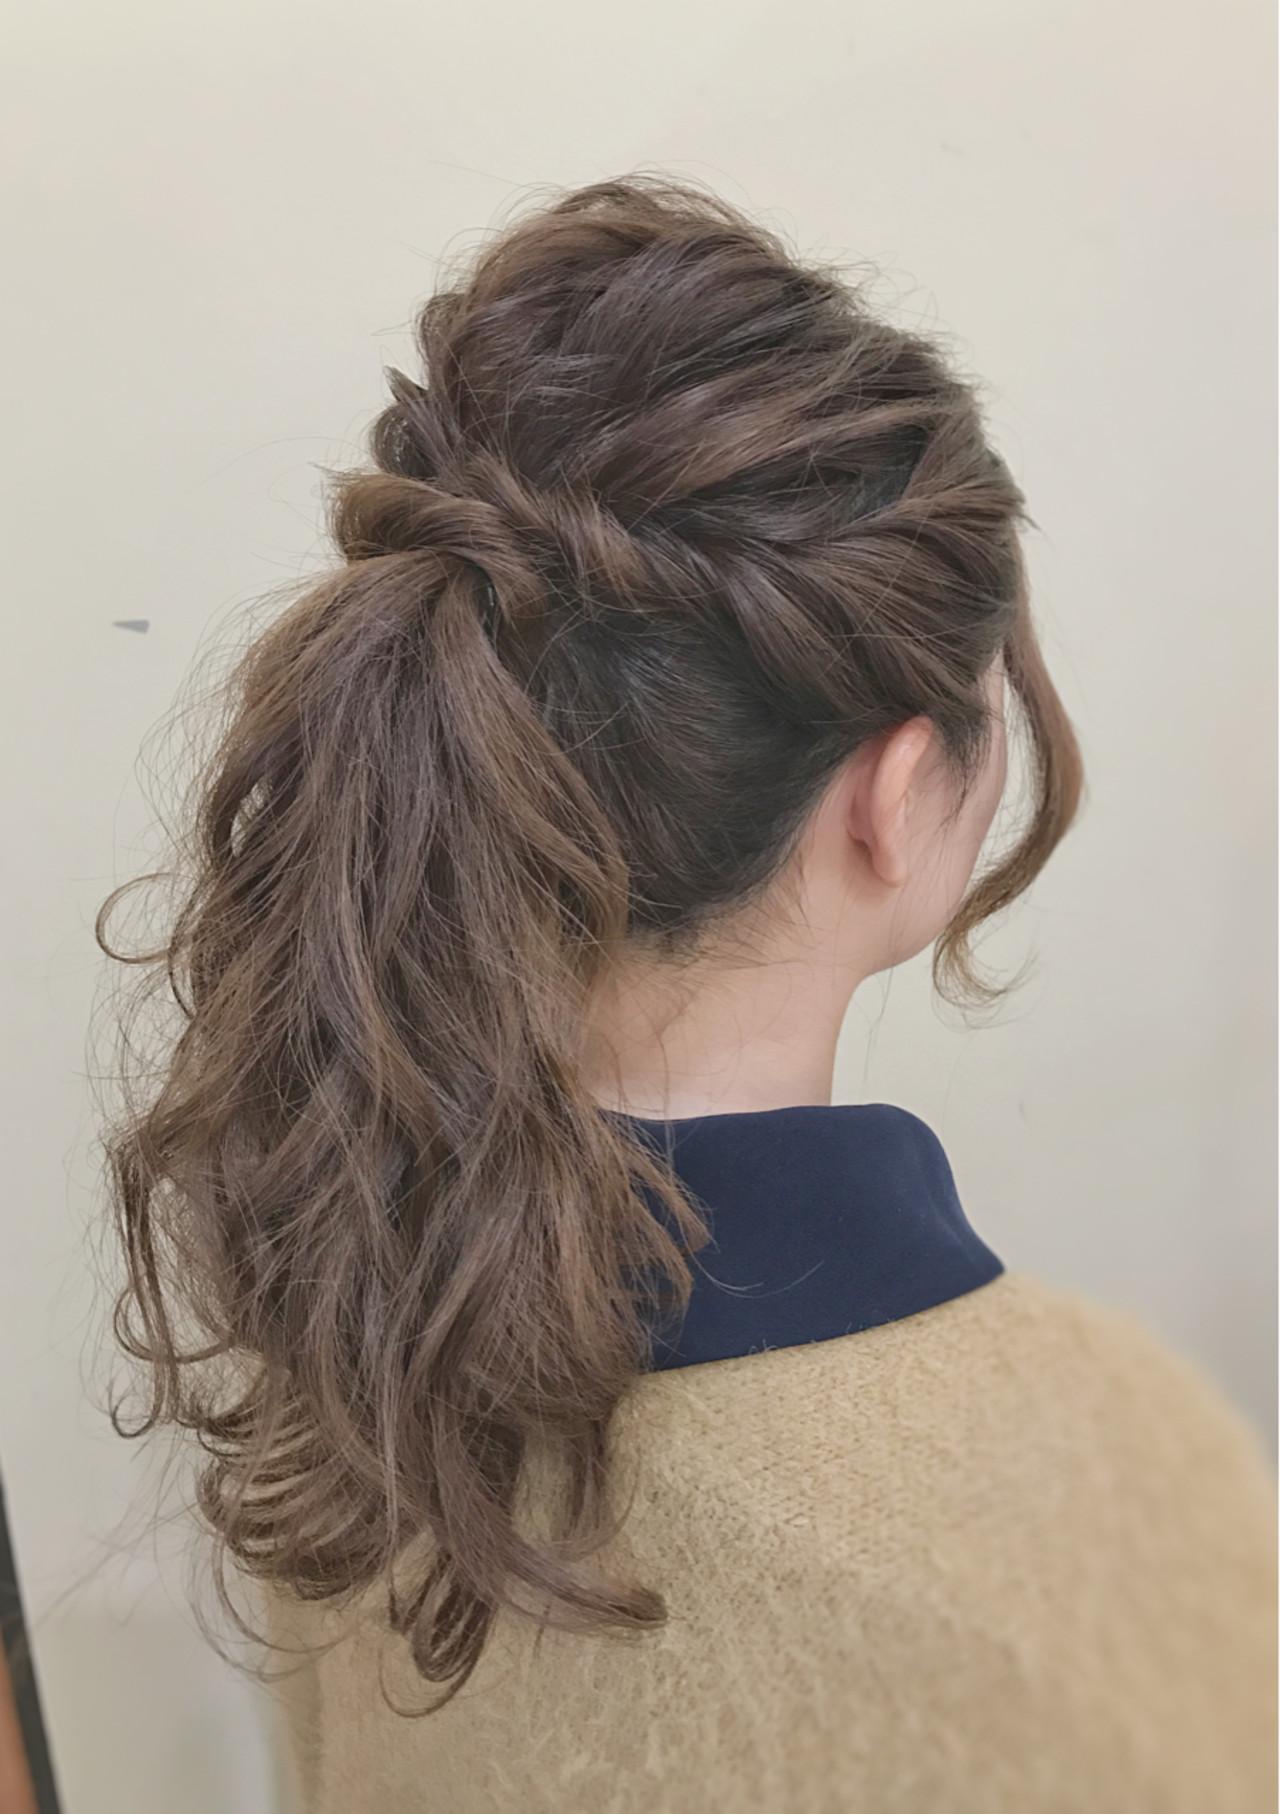 ナチュラル ポニーテール ロング 簡単 ヘアスタイルや髪型の写真・画像